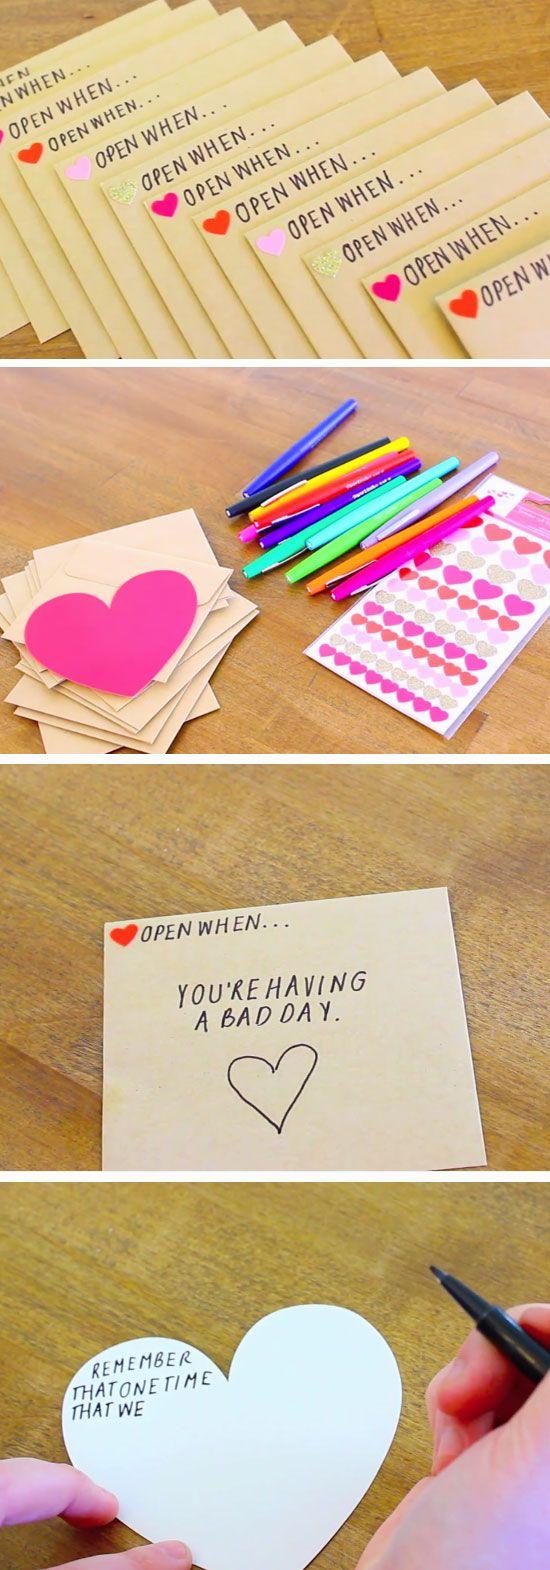 Open When Envelopes | 23 DIY Valentines Crafts for Boyfriend | DIY Birthday Gifts for Him